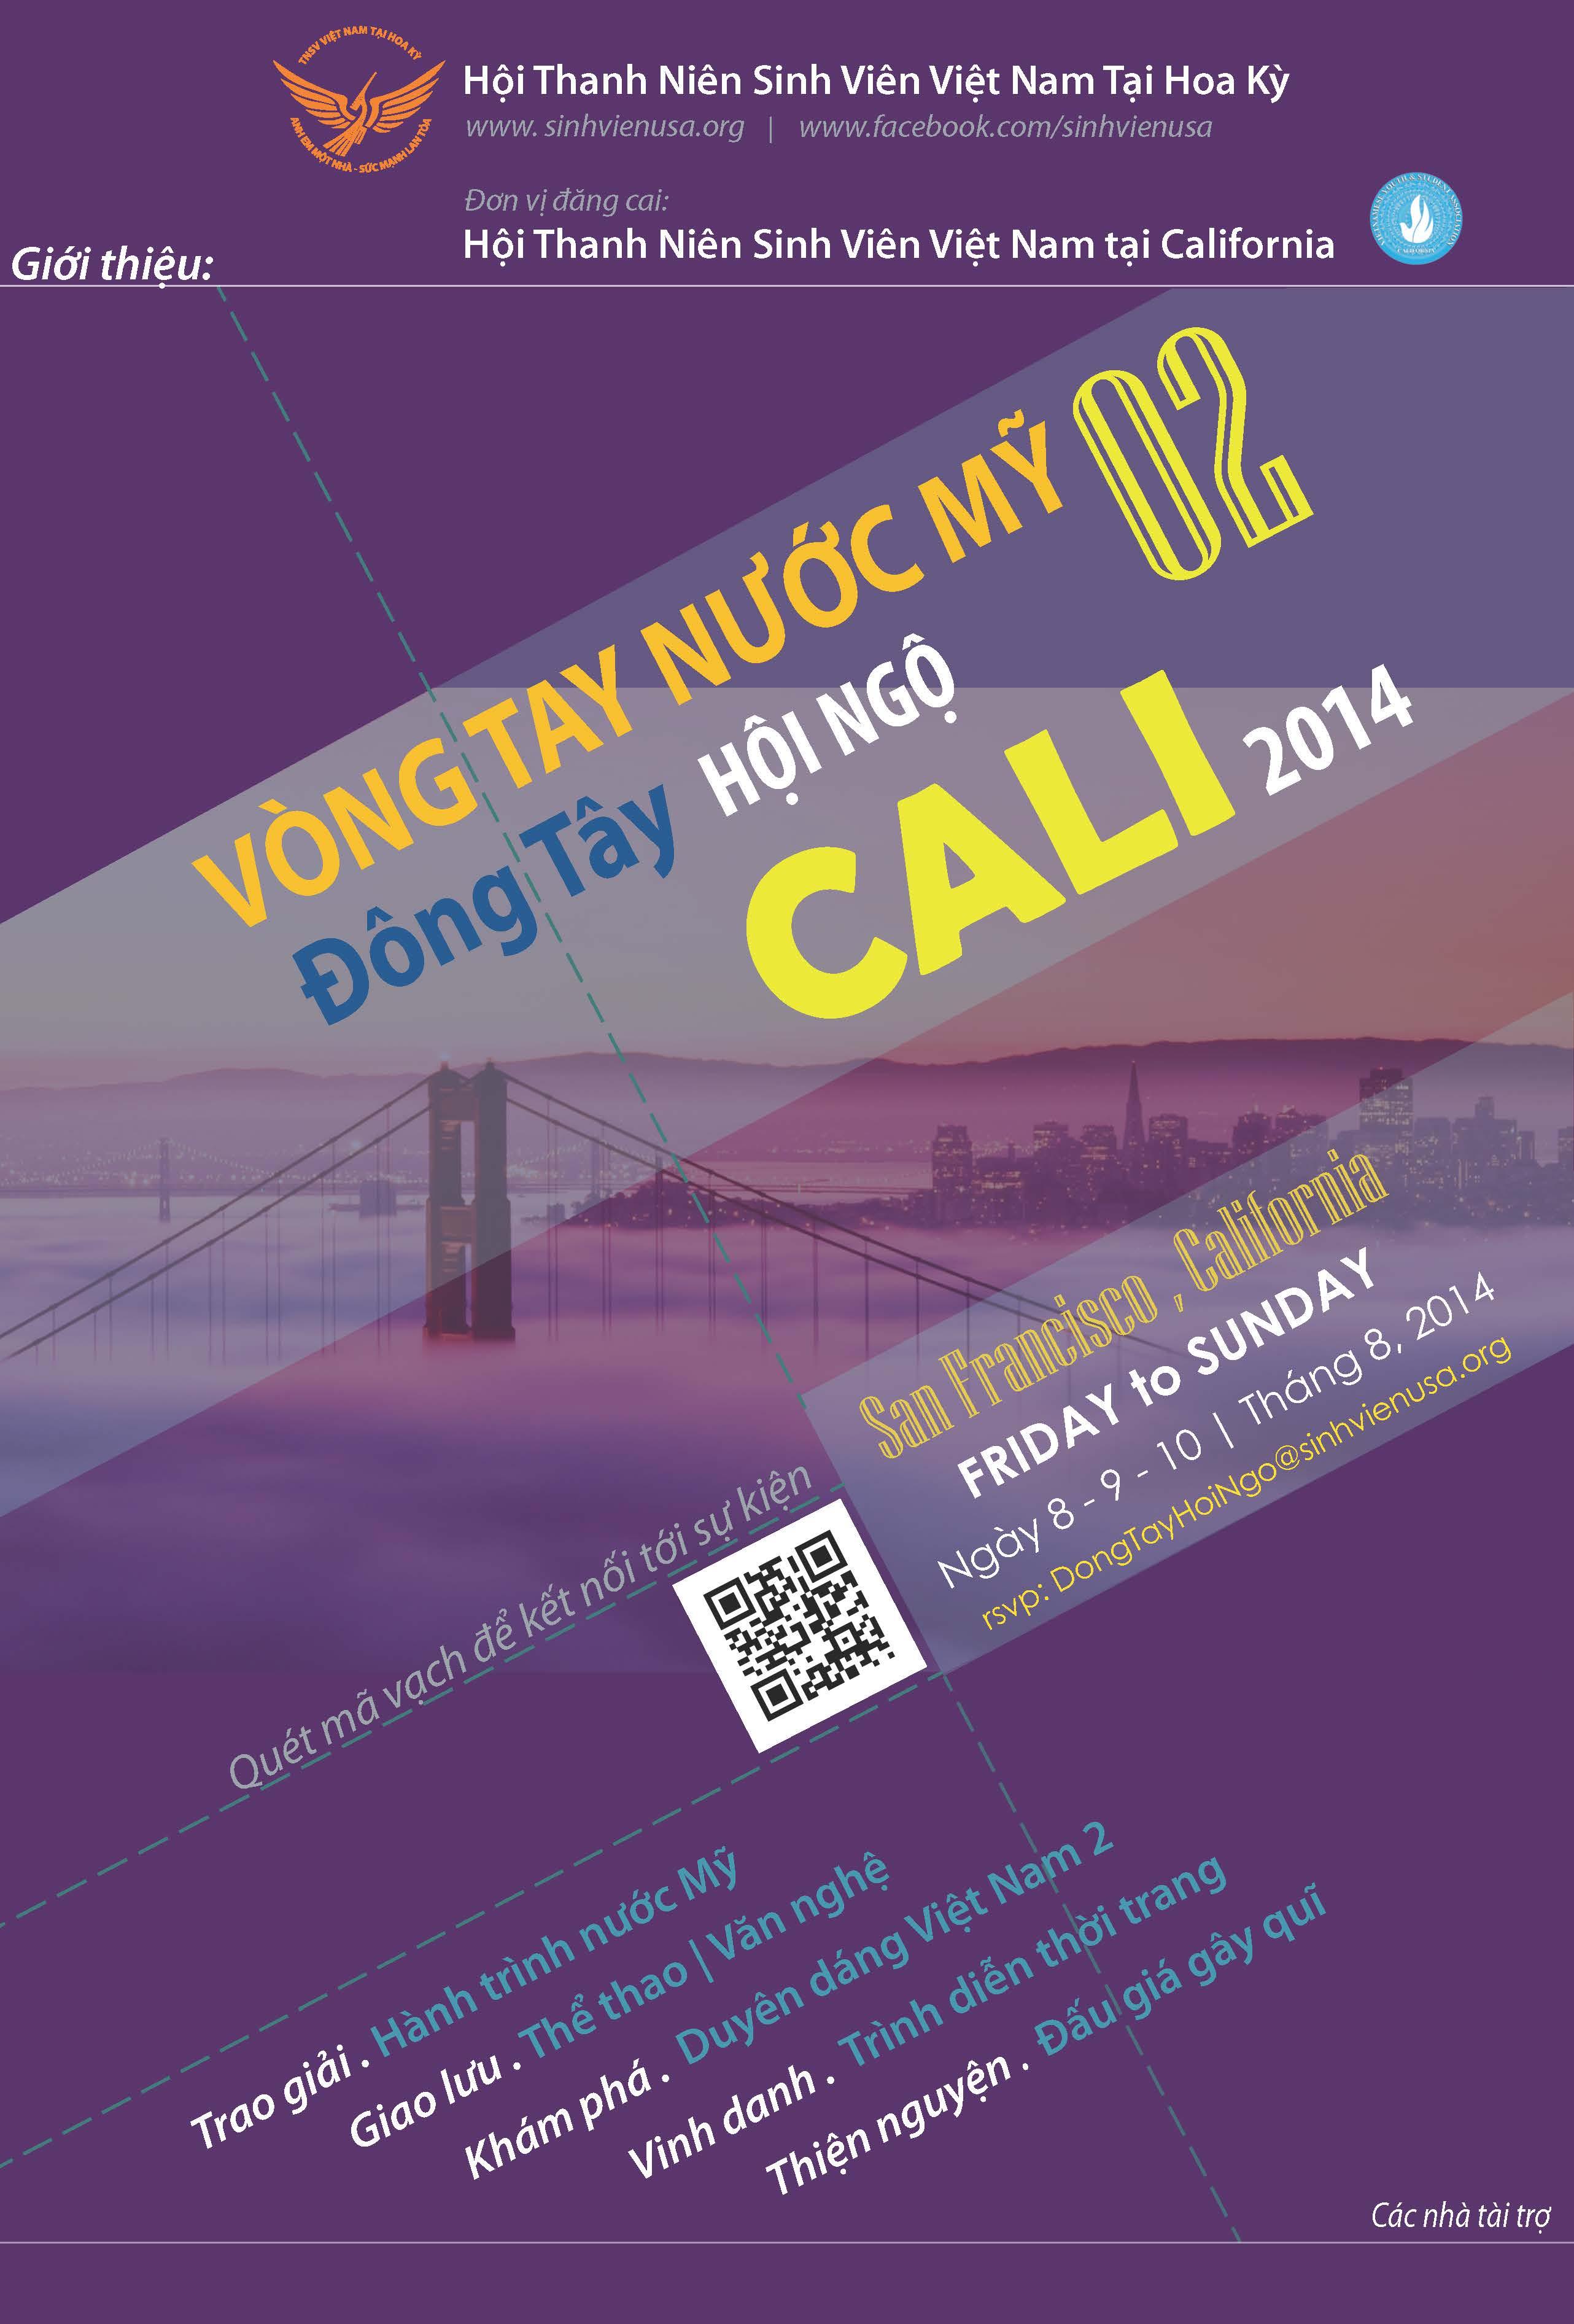 Cuộc thi Hành trình nước Mỹ lần 2 với chủ đề Thành phố tôi yêu do Hội Thanh niên, Sinh viên Việt Nam tại Hoa Kỳ tổ chức đã thu...